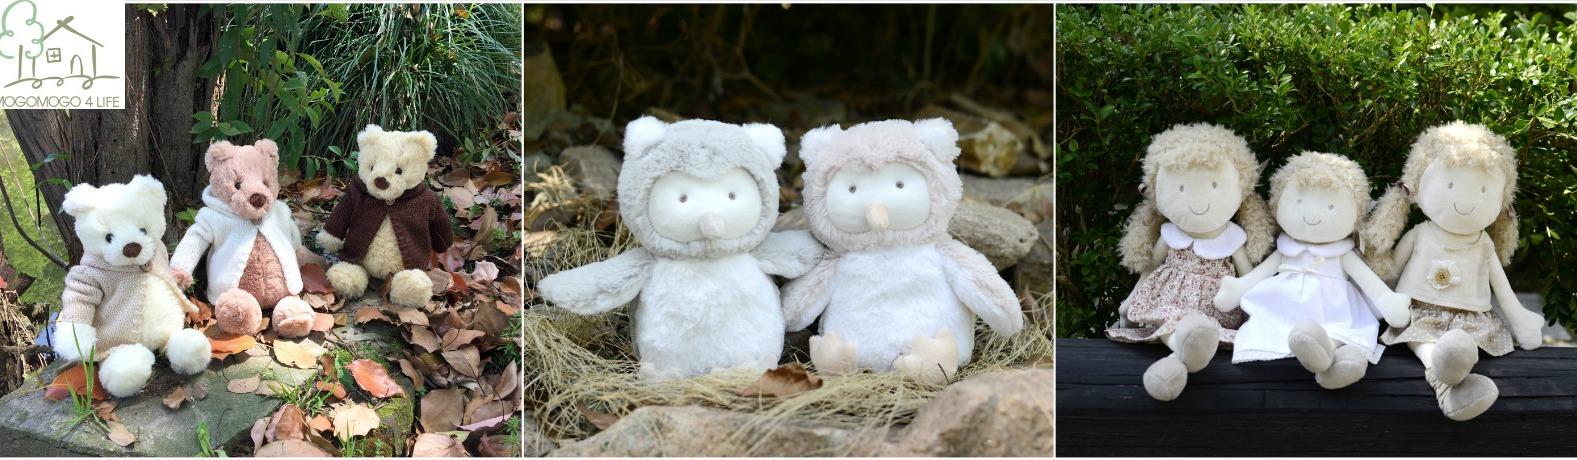 Shanghai Grandfine Craft Co , Ltd  - Luxury stuffed animal toys